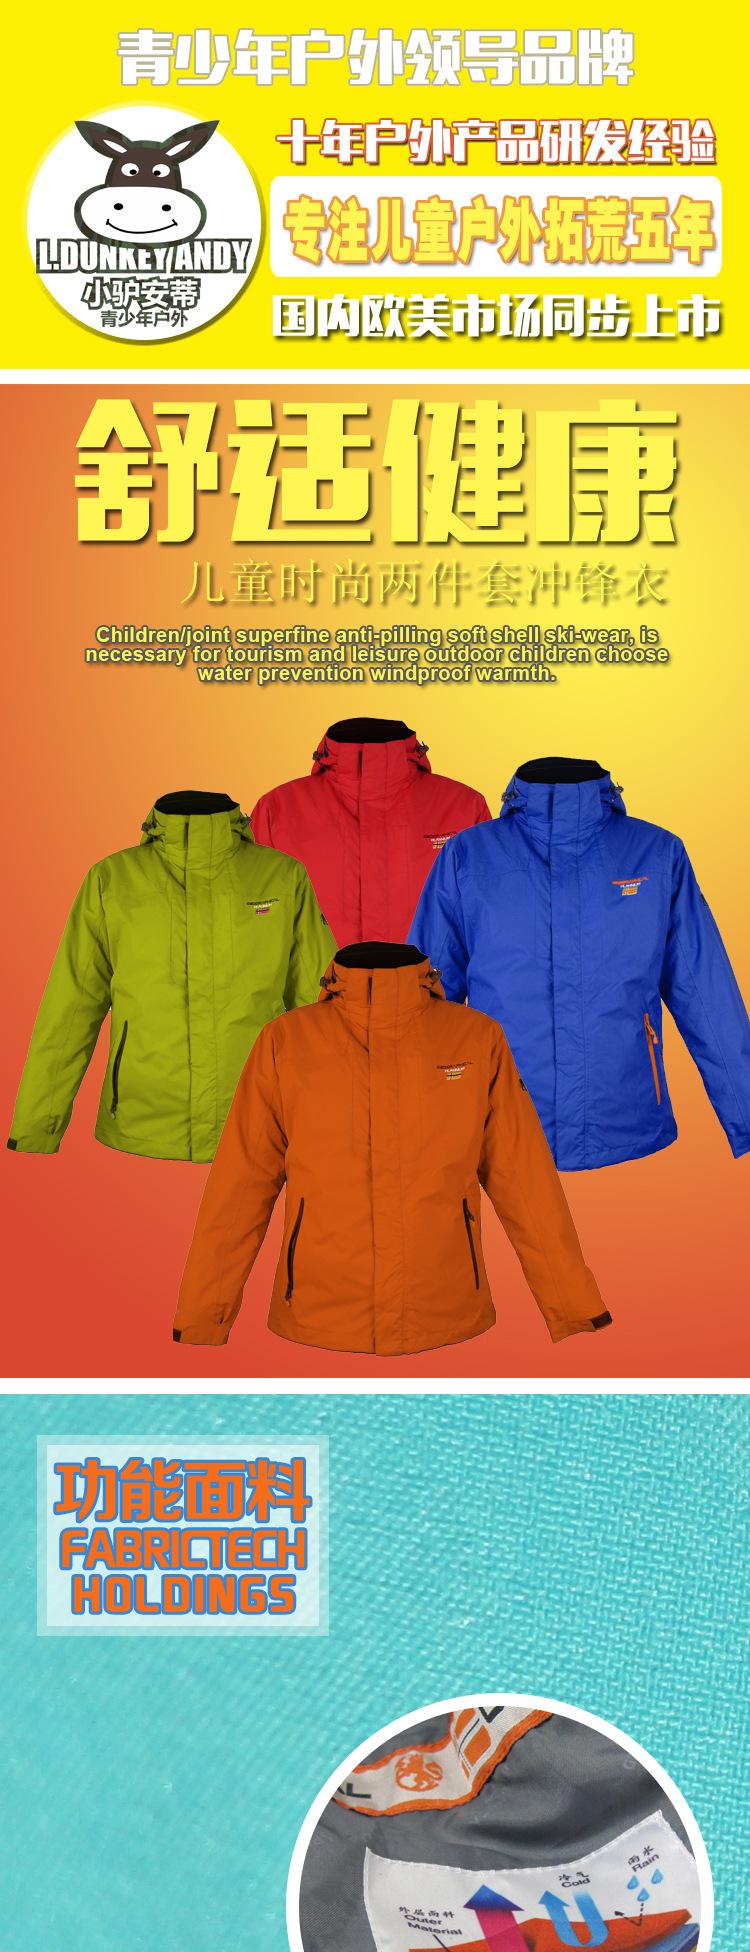 2015新款運動服 兒童戶外兩件套三合一沖鋒衣 保暖戶外服批發代理